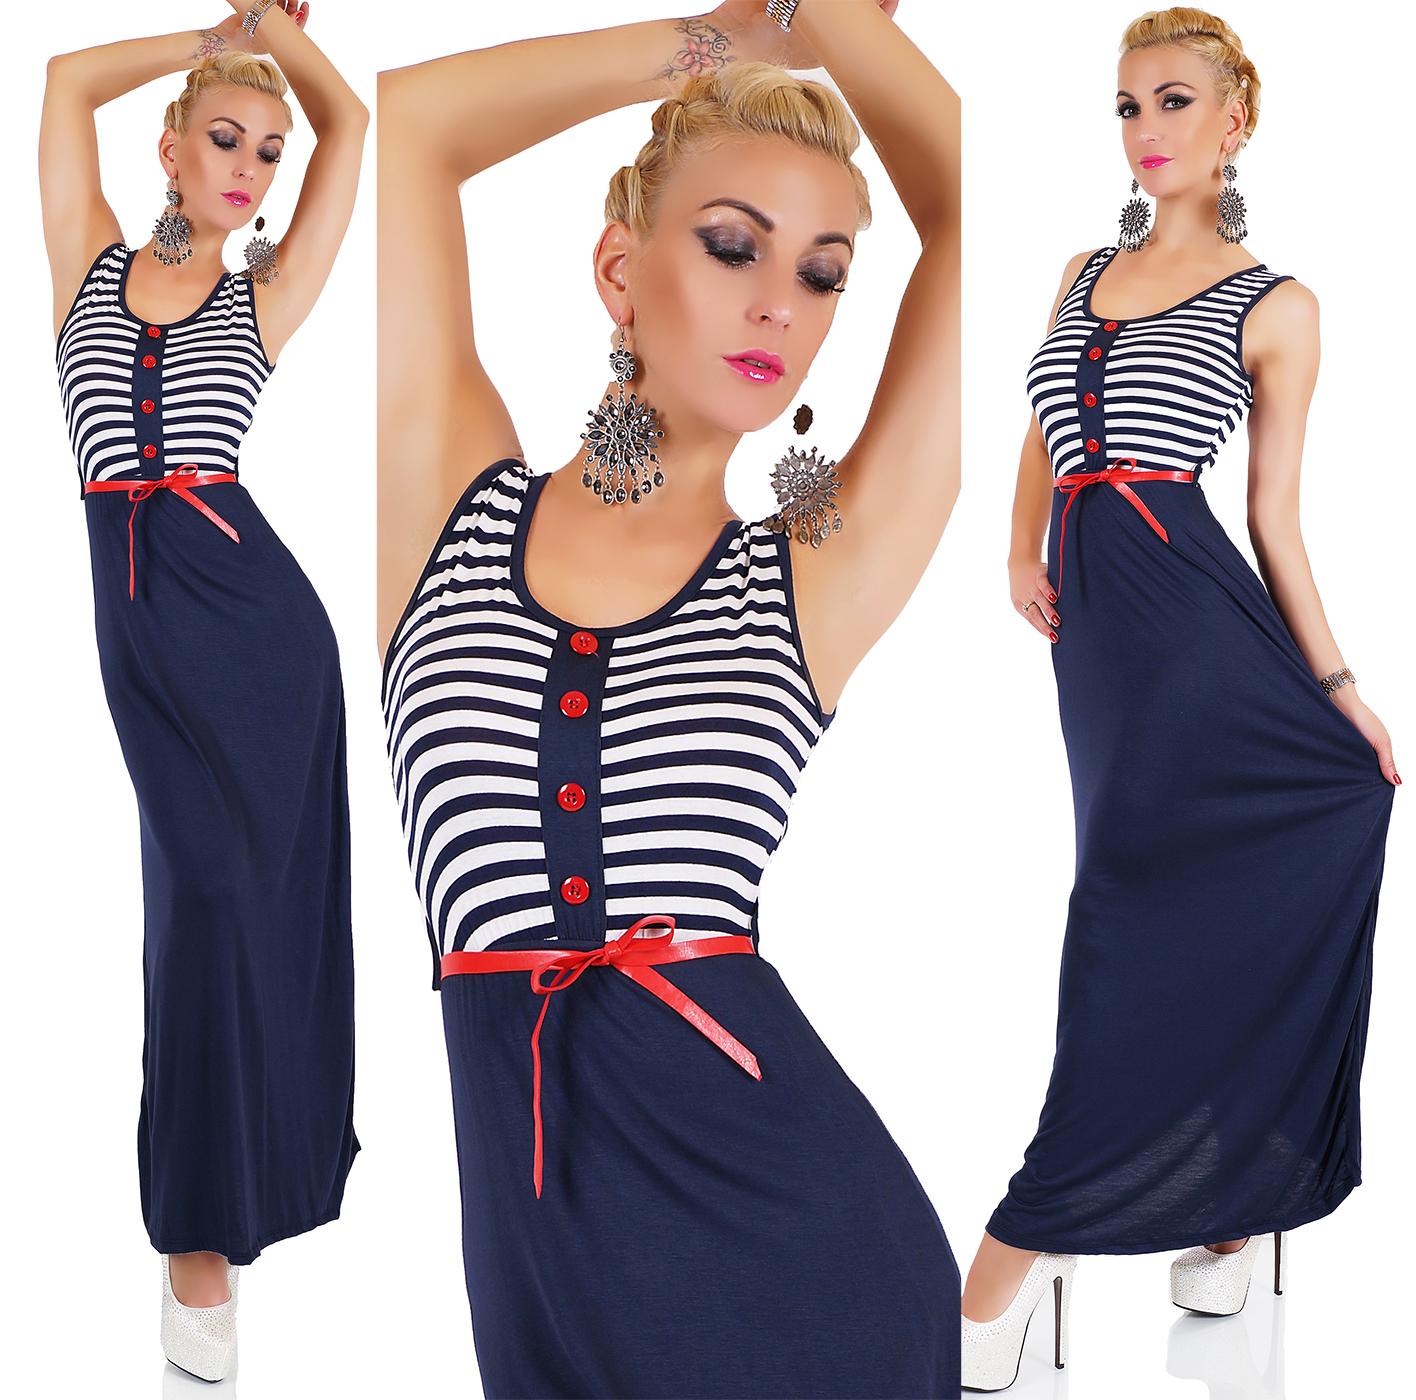 Dámské maxi šaty s proužkem (Dámské šaty)